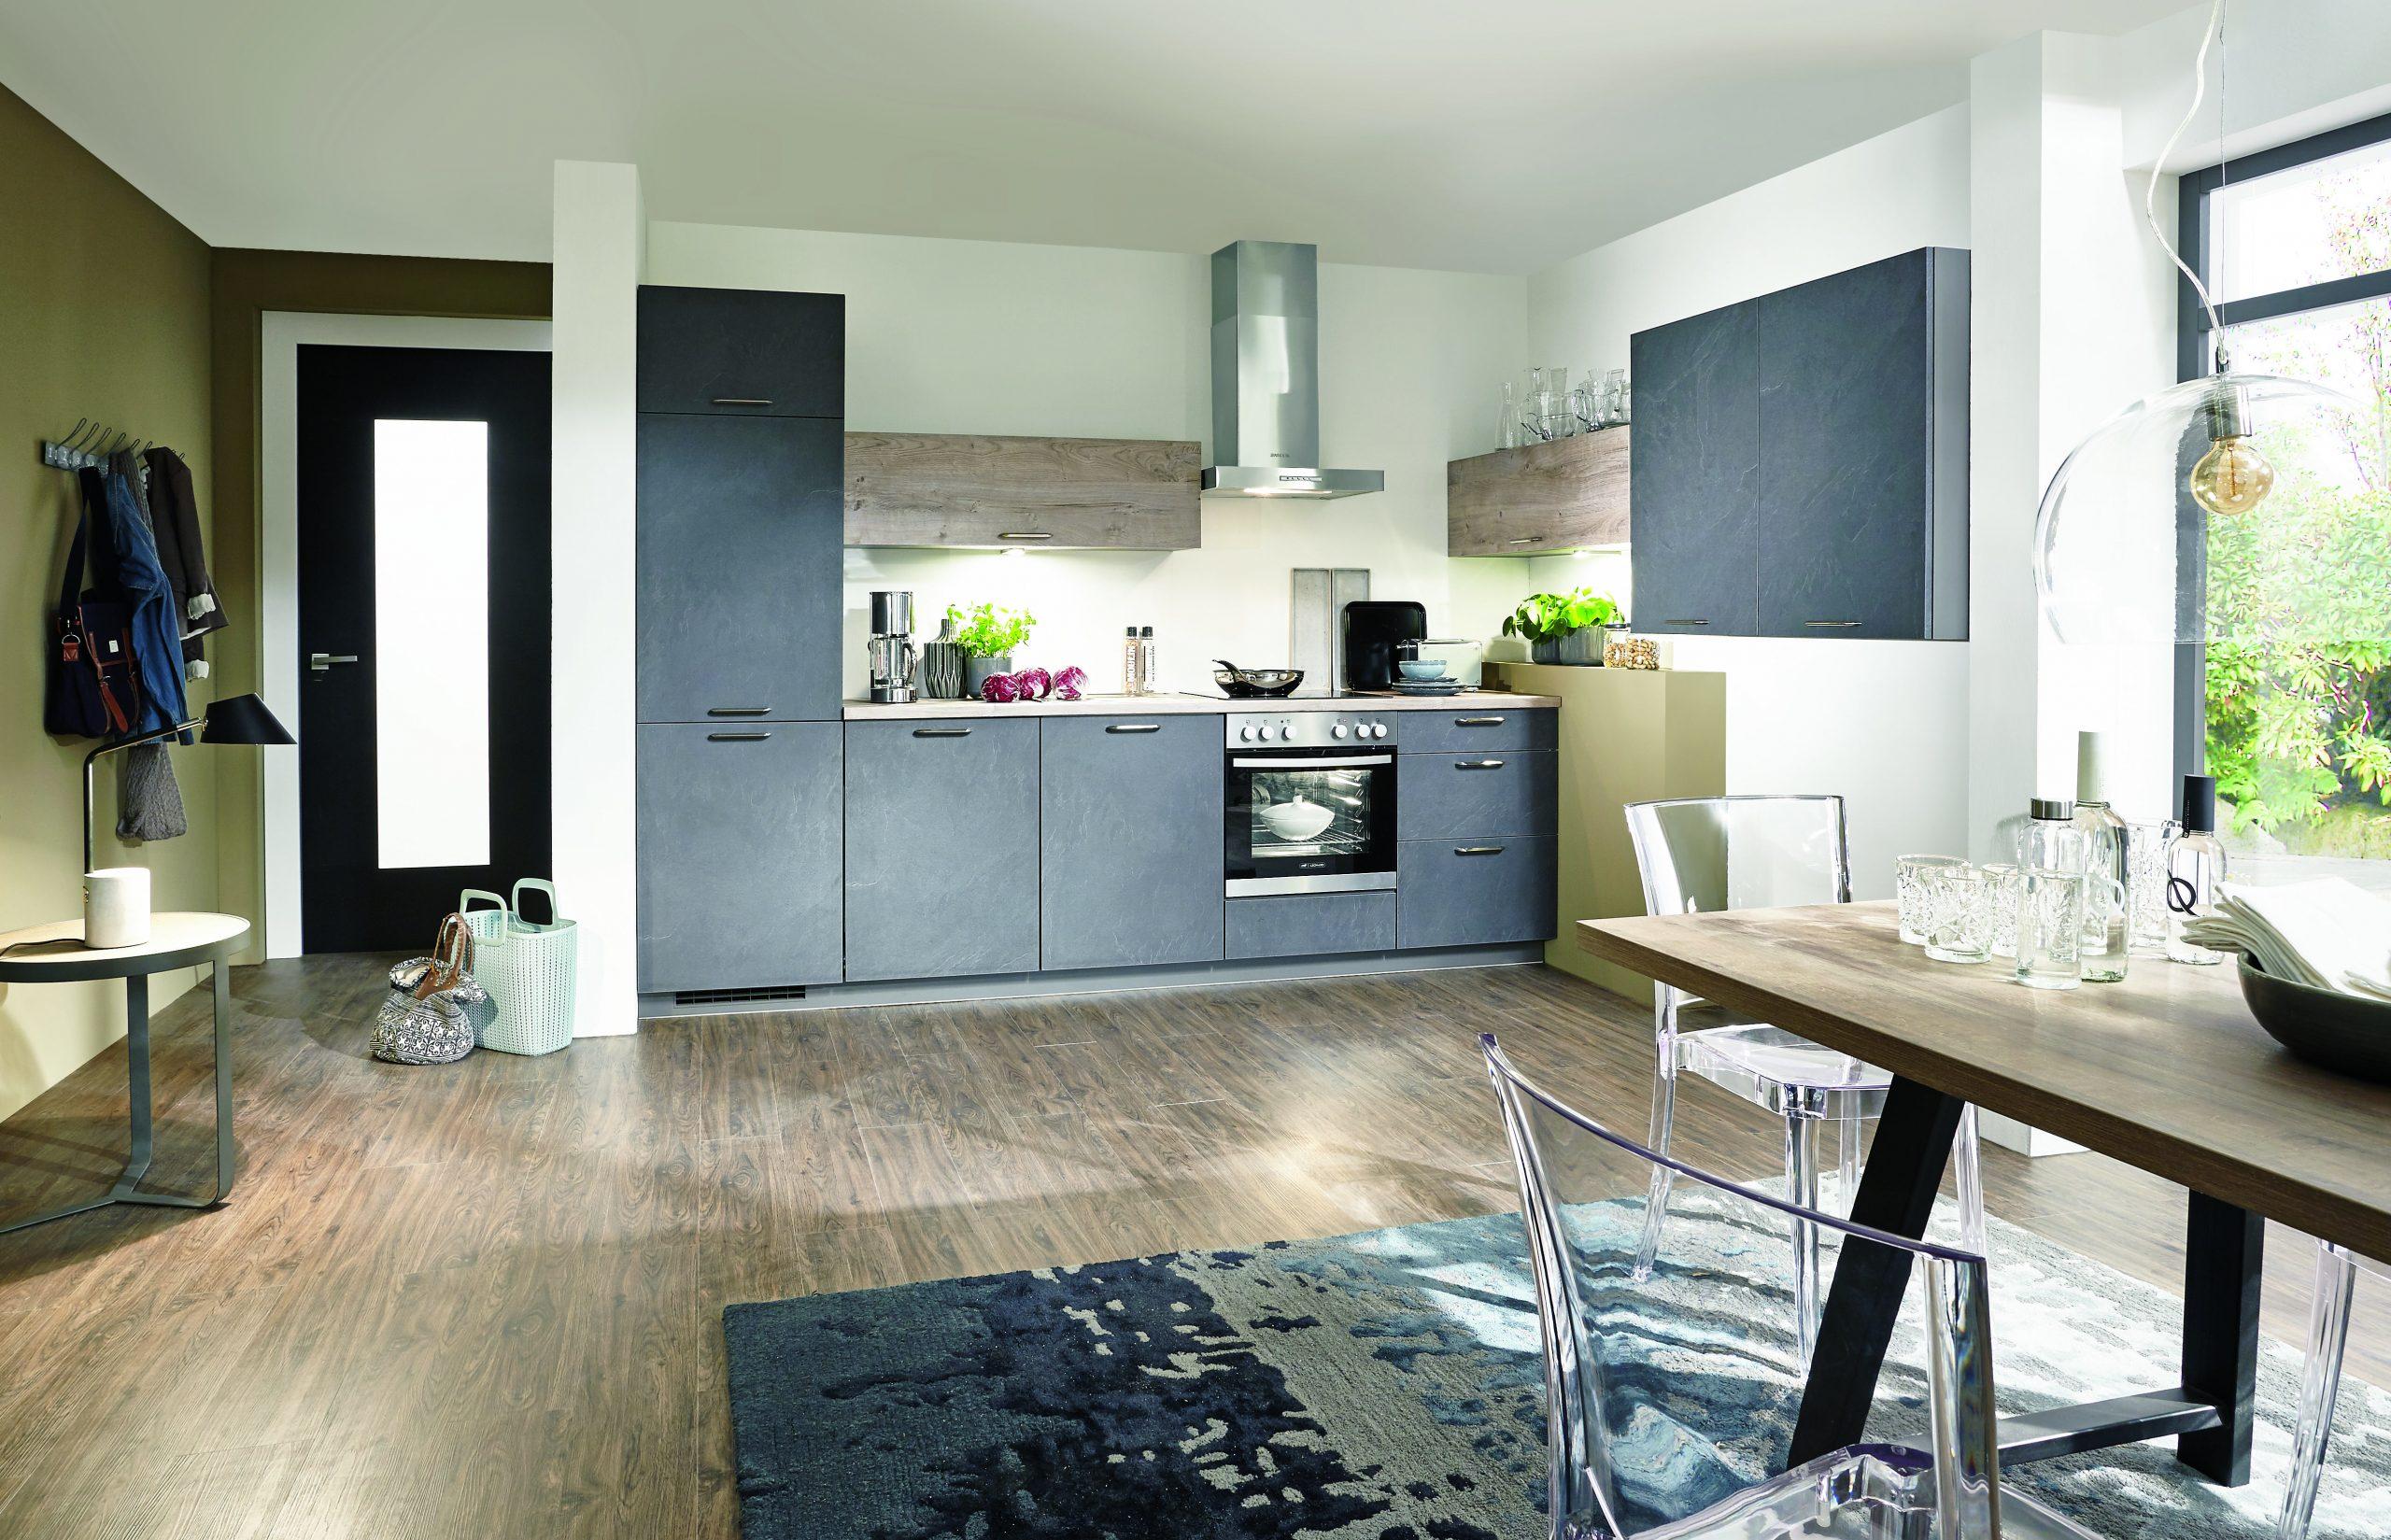 Full Size of Kleine Einbauküche Kosten Kleine Einbauküche Ikea Kleine Einbauküche Roller Einbauküche Kleine Räume Küche Kleine Einbauküche